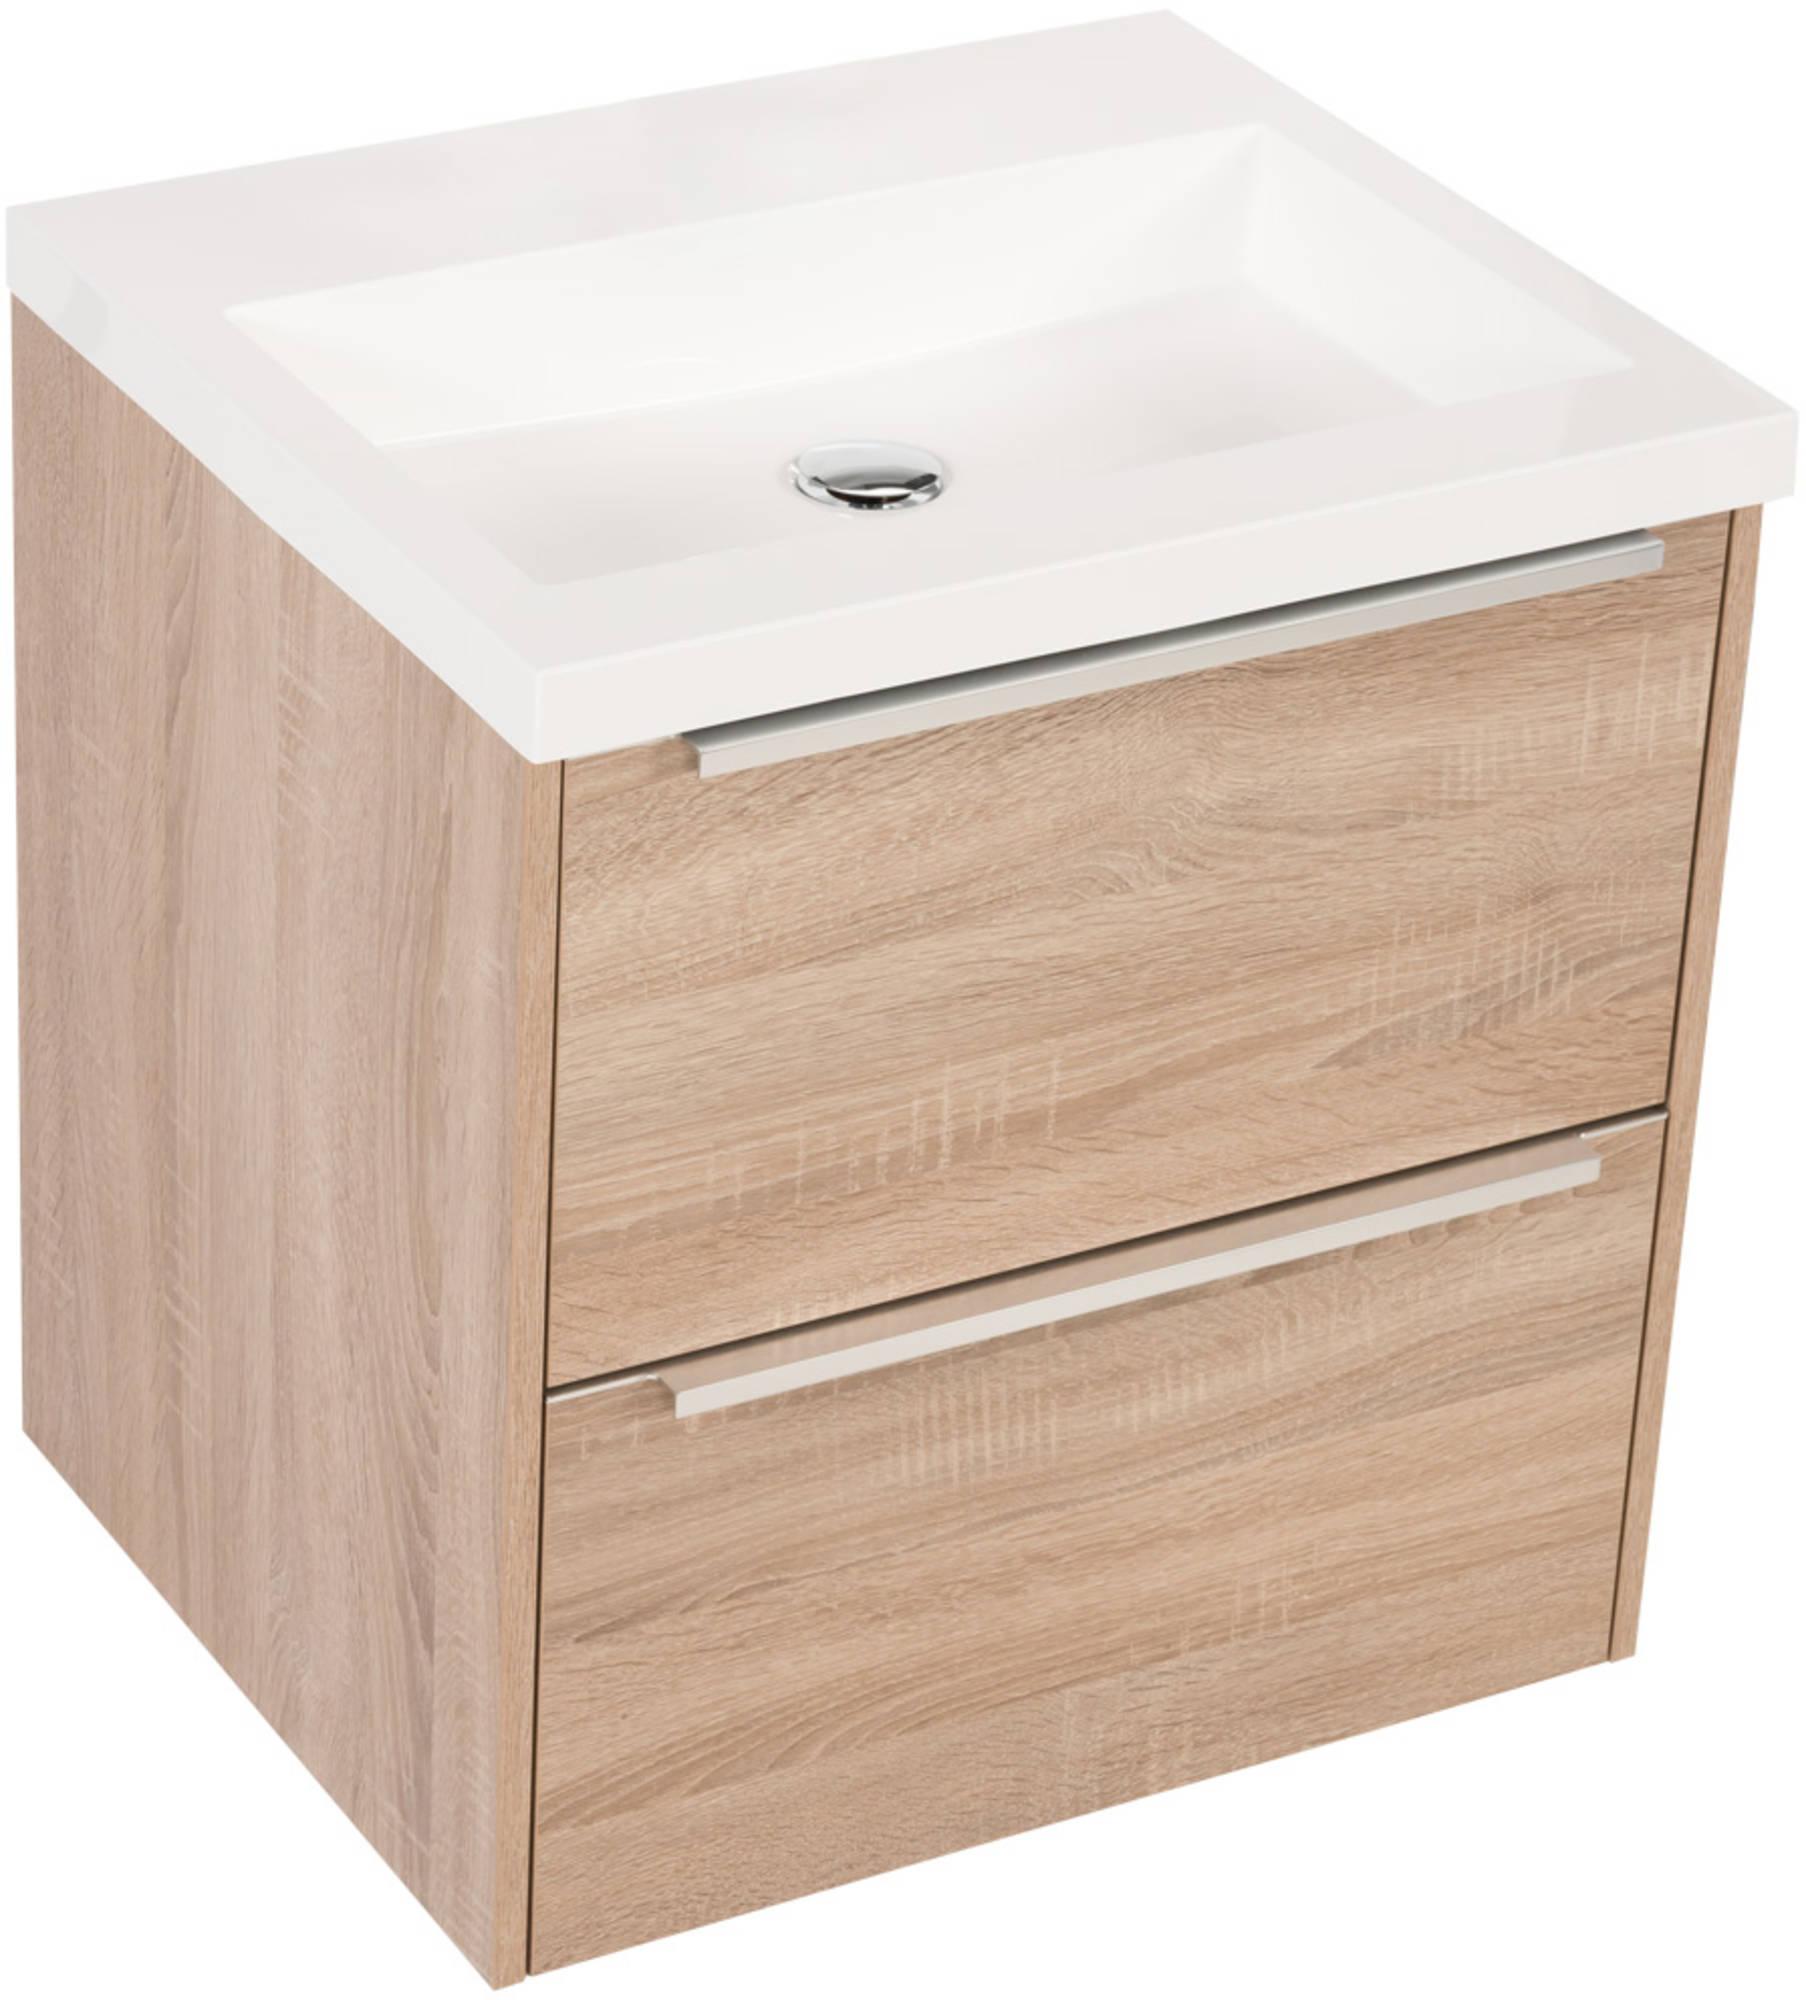 Saniselect Socan meubelset 2 lades met mineraalmarmere wastafel 60cm Bardolino Eiken Zonder Kraangat